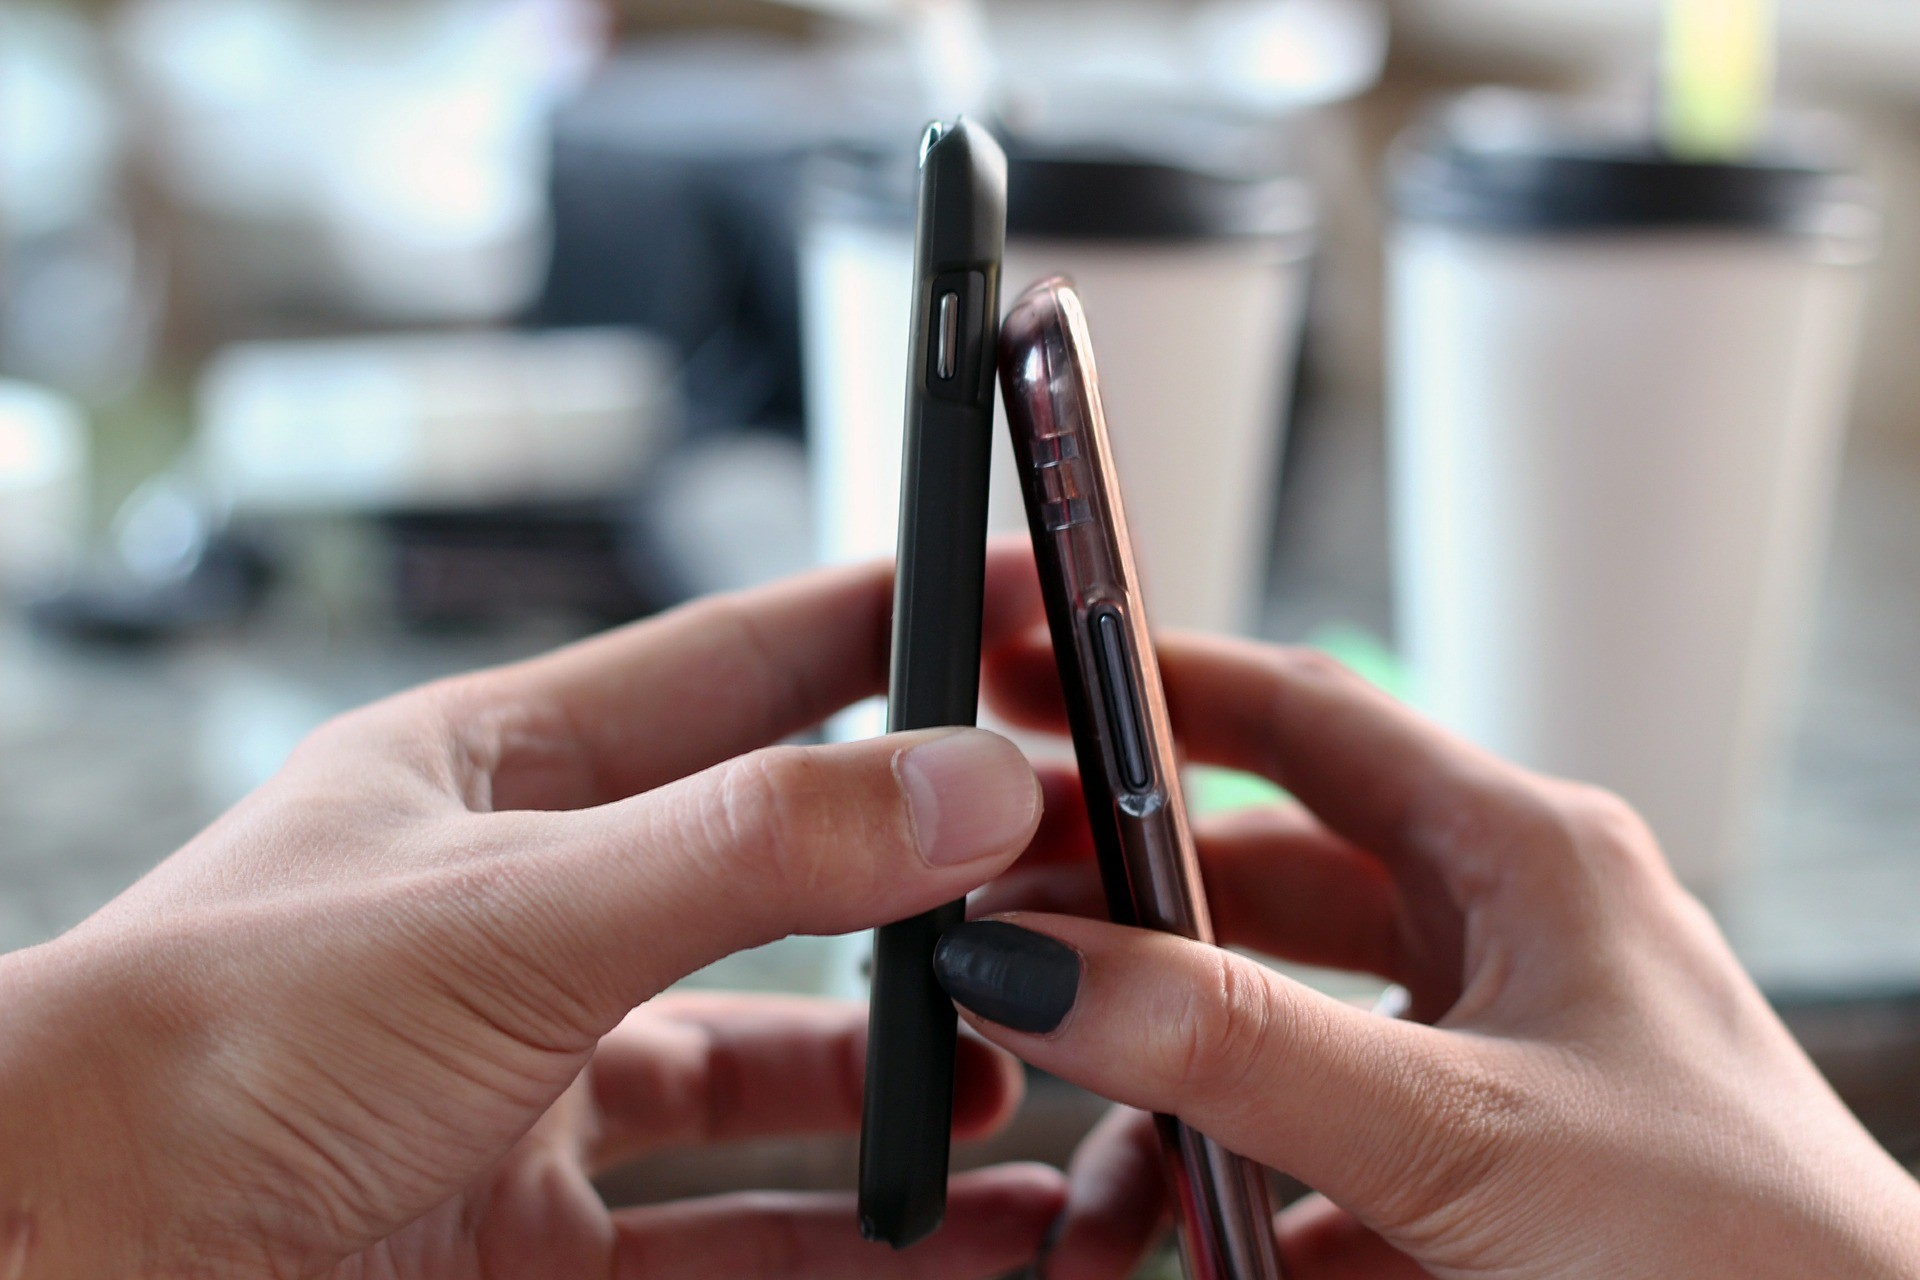 ▲▼智慧型手機。(圖/取自Pixabay)